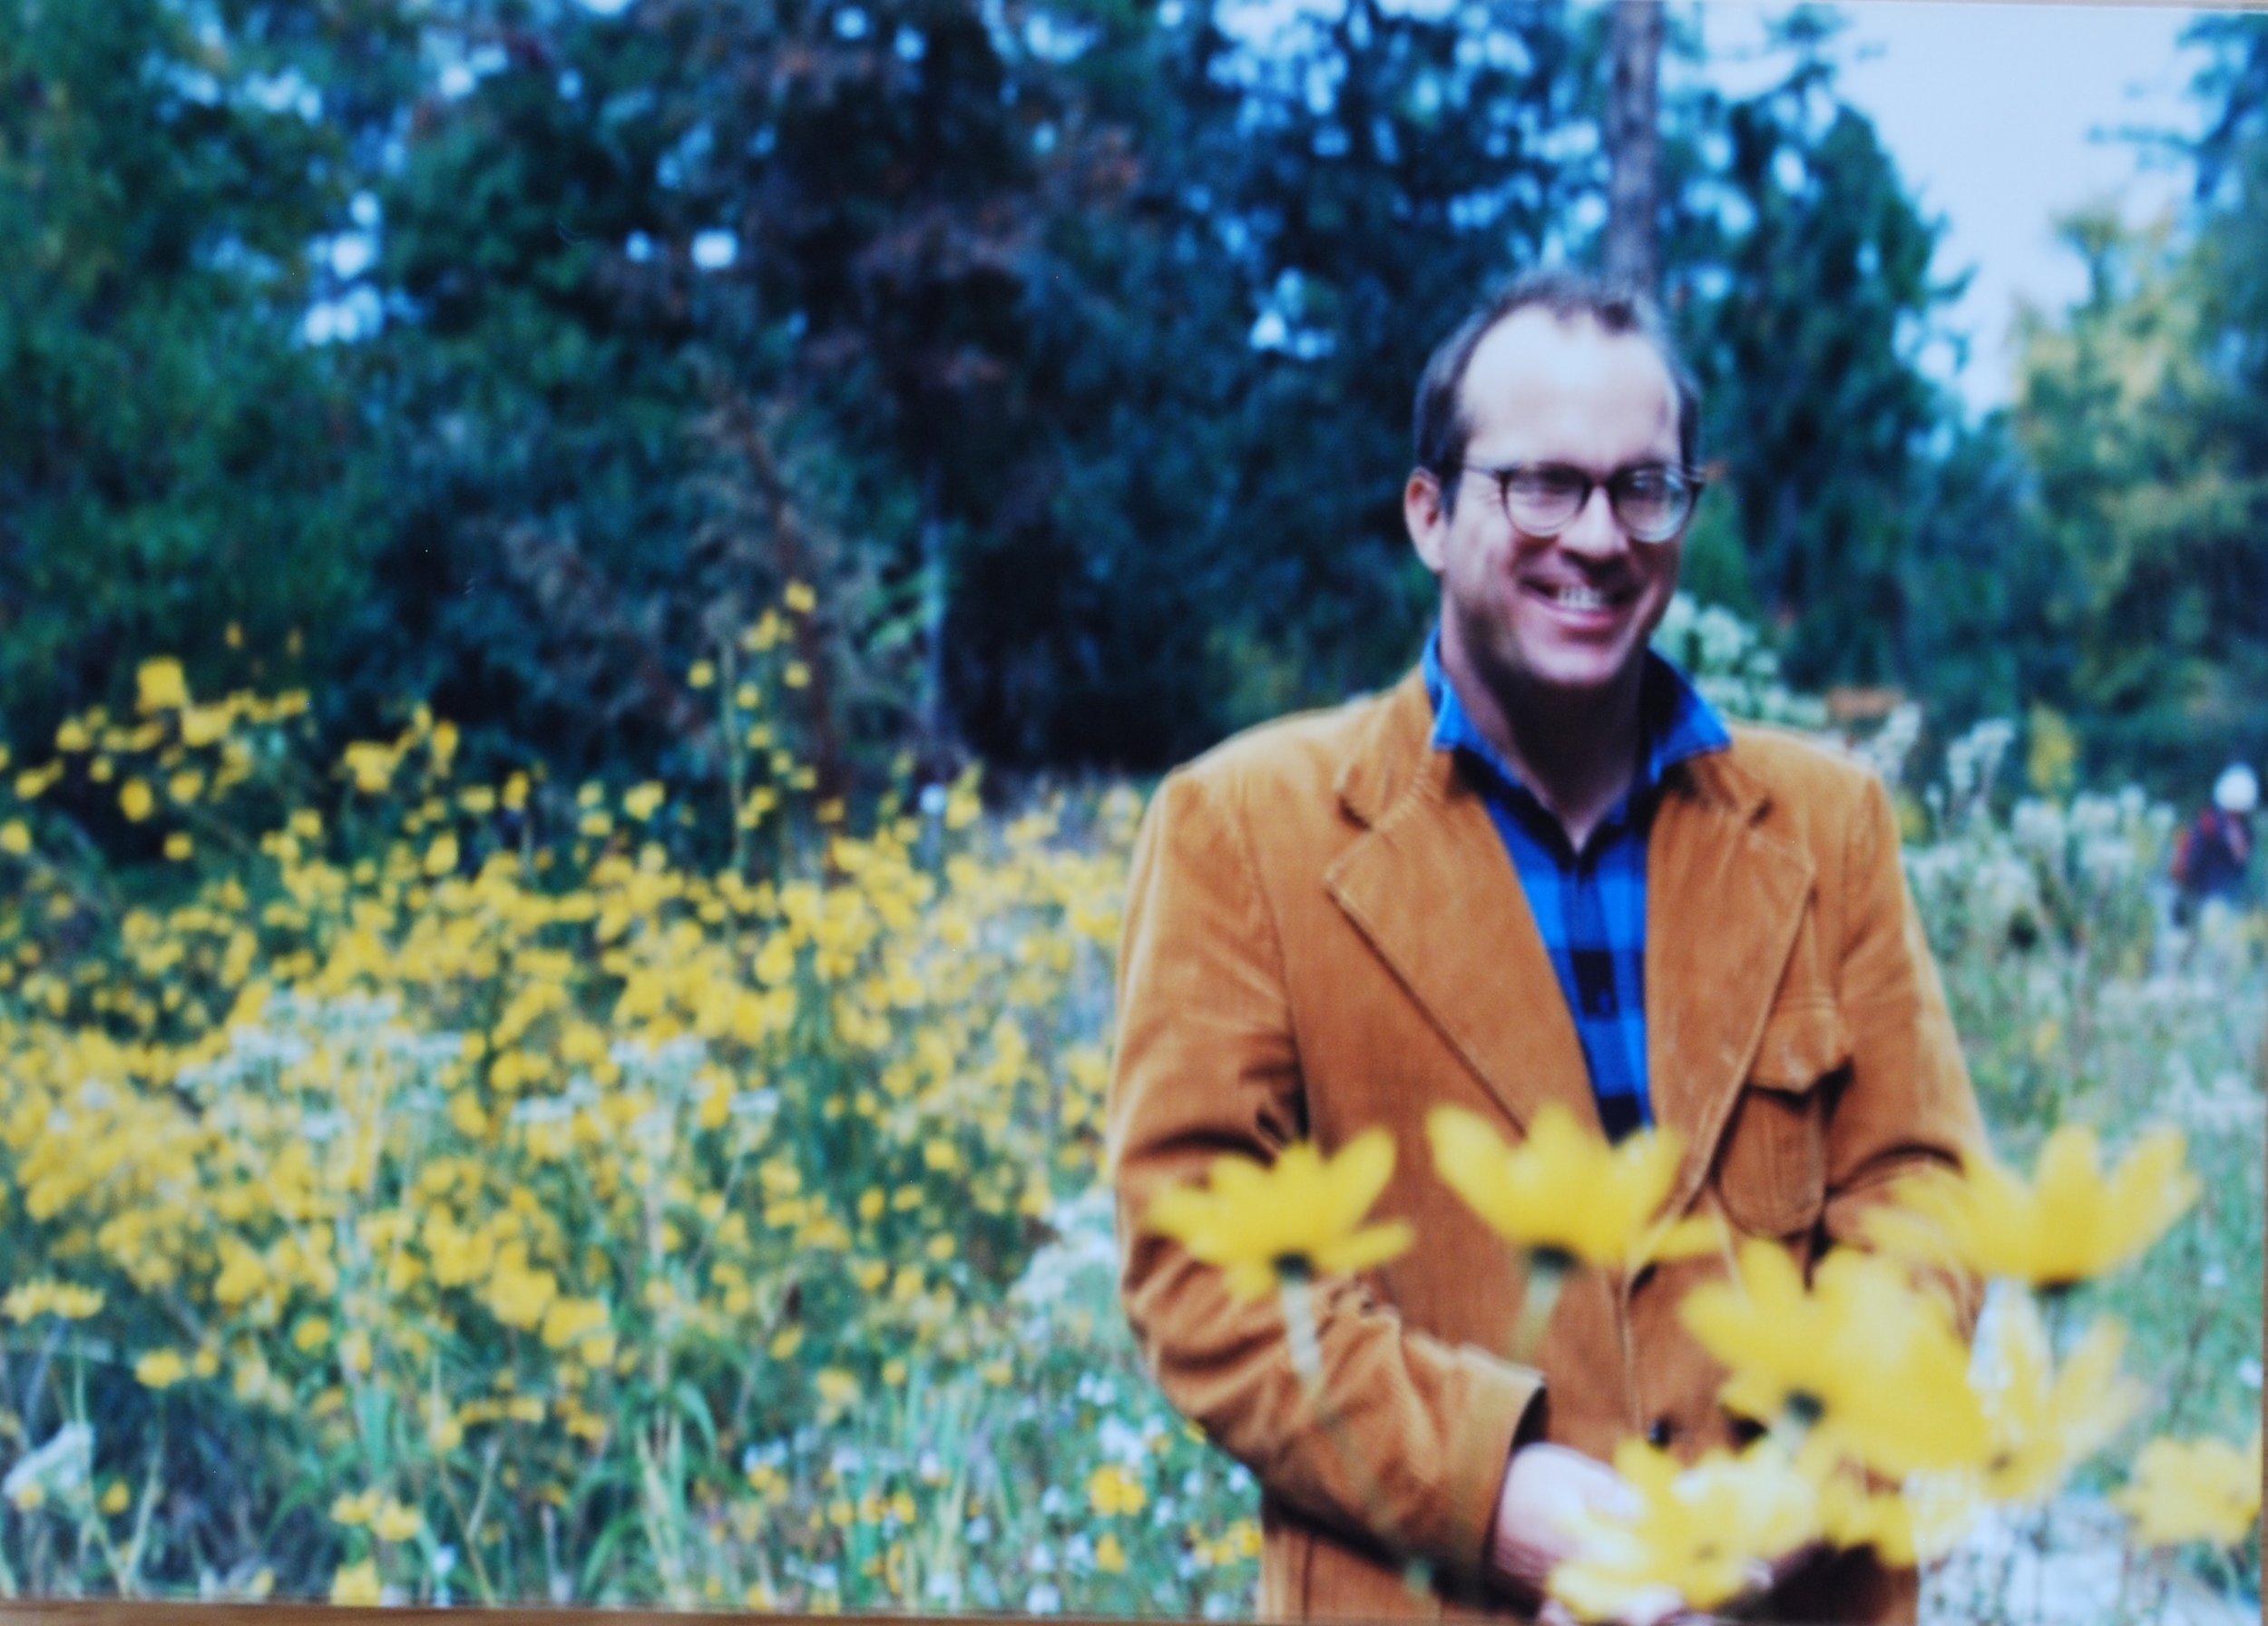 GA Photo Gene with Daisies DSC_1899.JPG